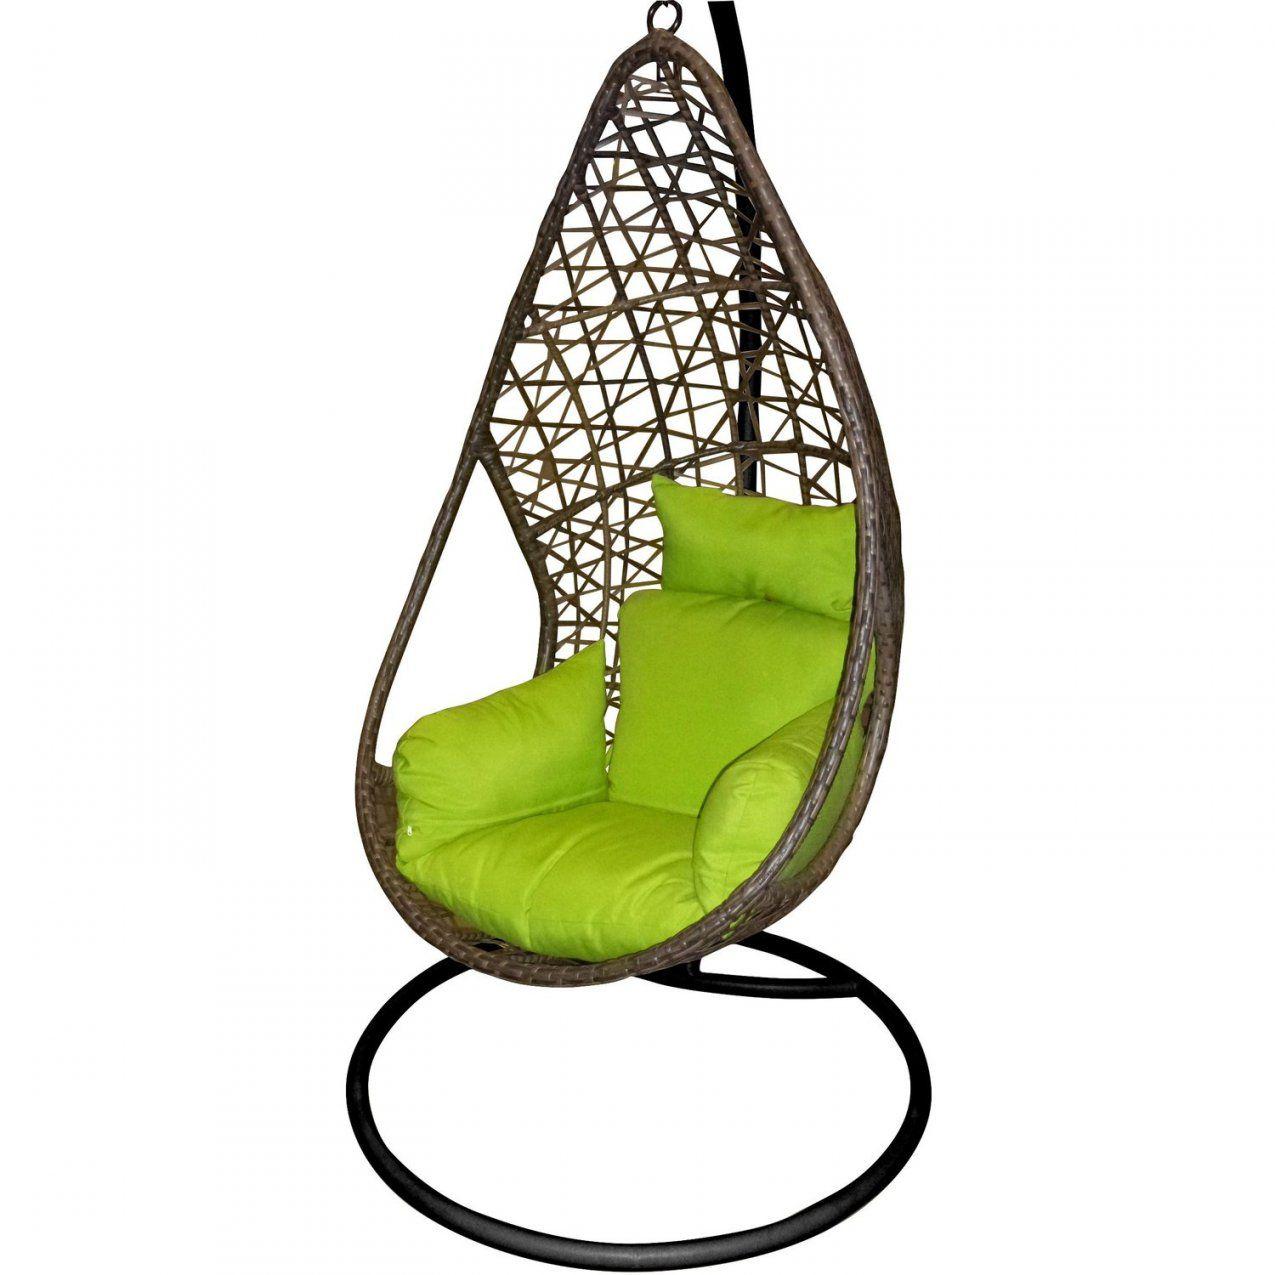 Hängesessel Kaufen Bei Obi von Hängesessel Ikea Mit Gestell Bild